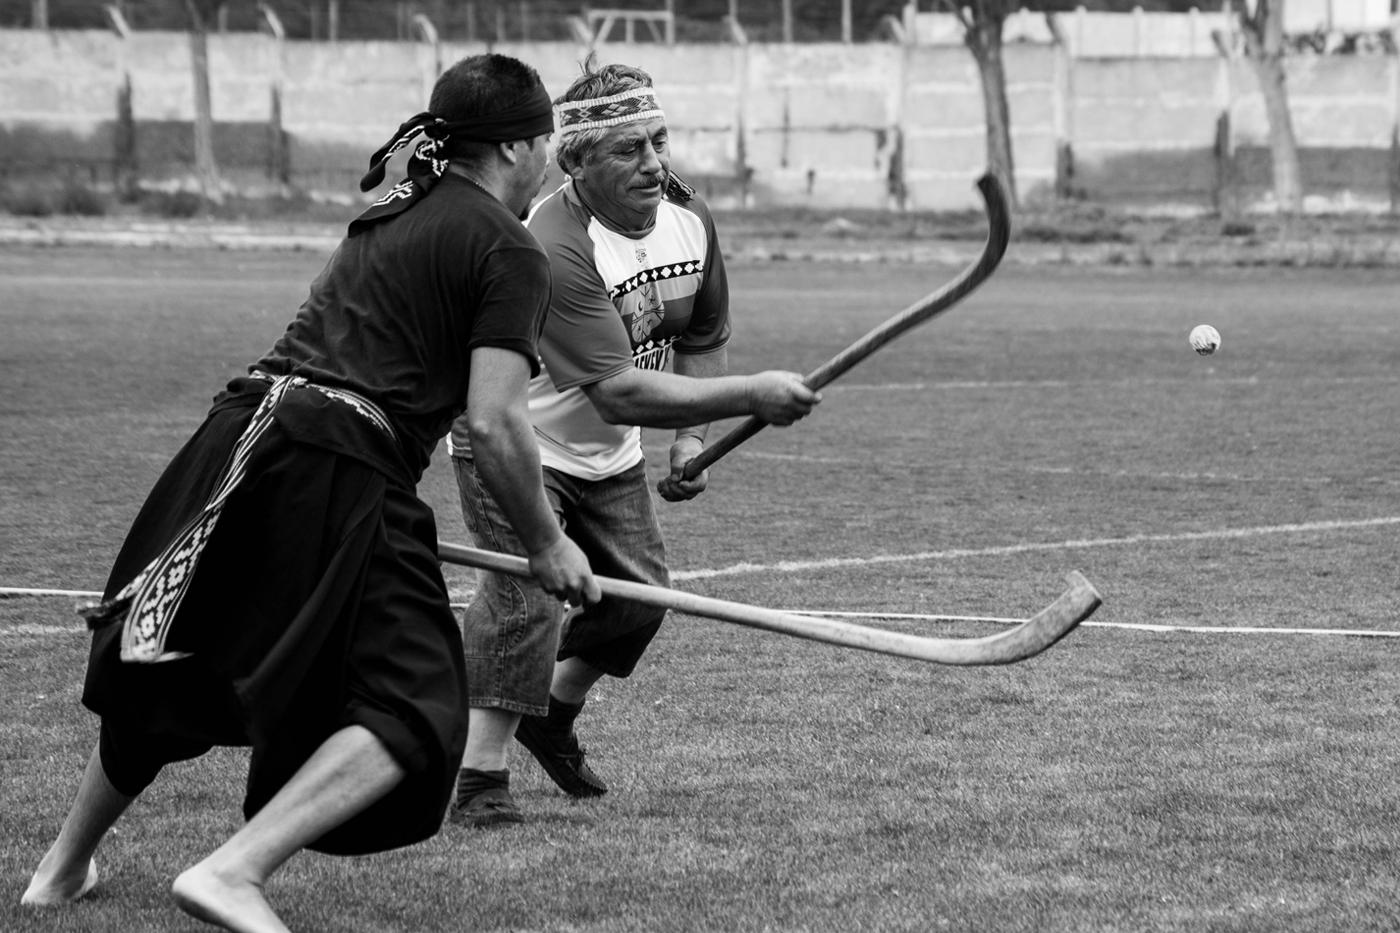 Juegos Tradicionales De Origen Indigena Oficios Varios